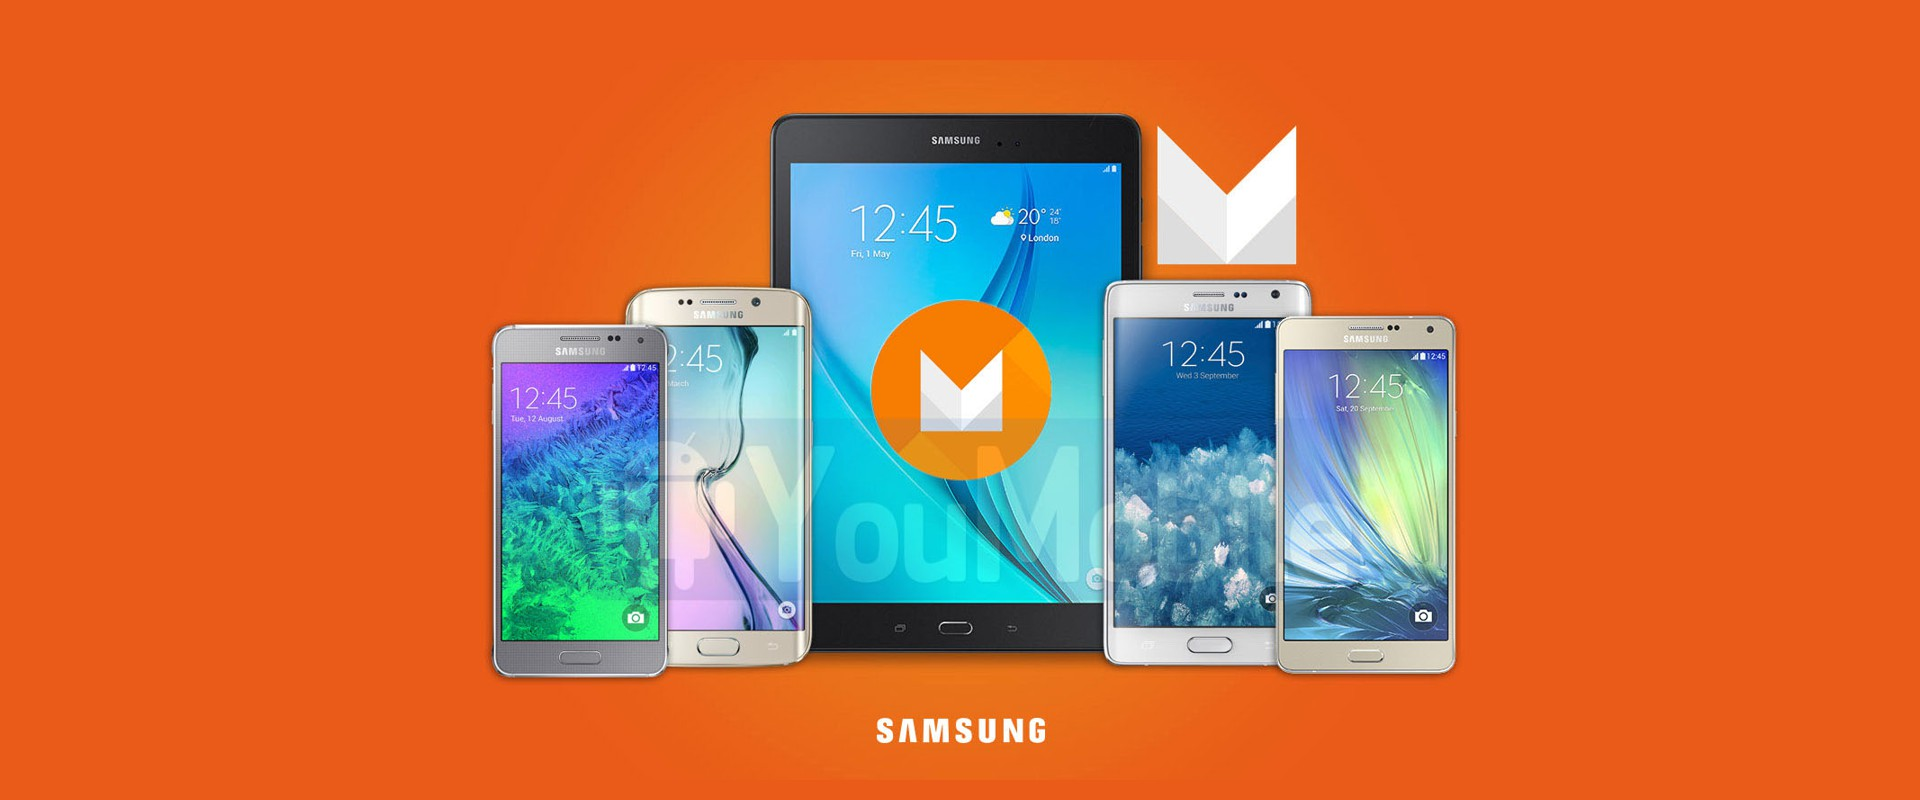 Samsungovi uređaji koji dobivaju nadogradnju na Marshmallow